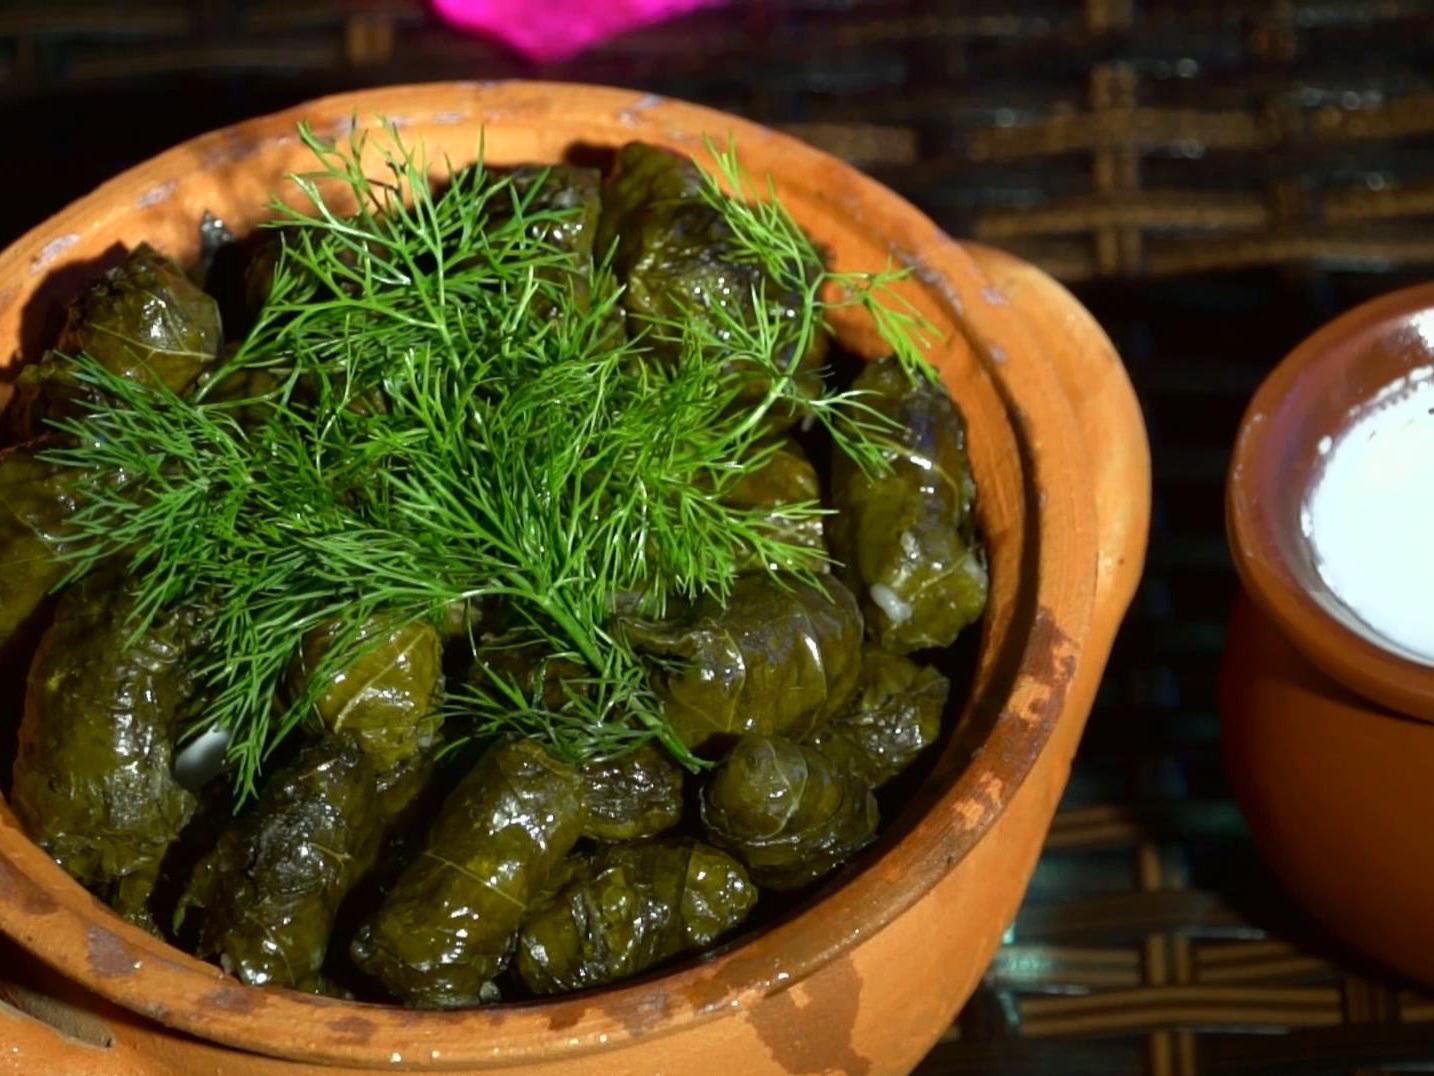 Азербайджанская долма признана нематериальным культурным наследием человечества - ФОТО – ВИДЕО